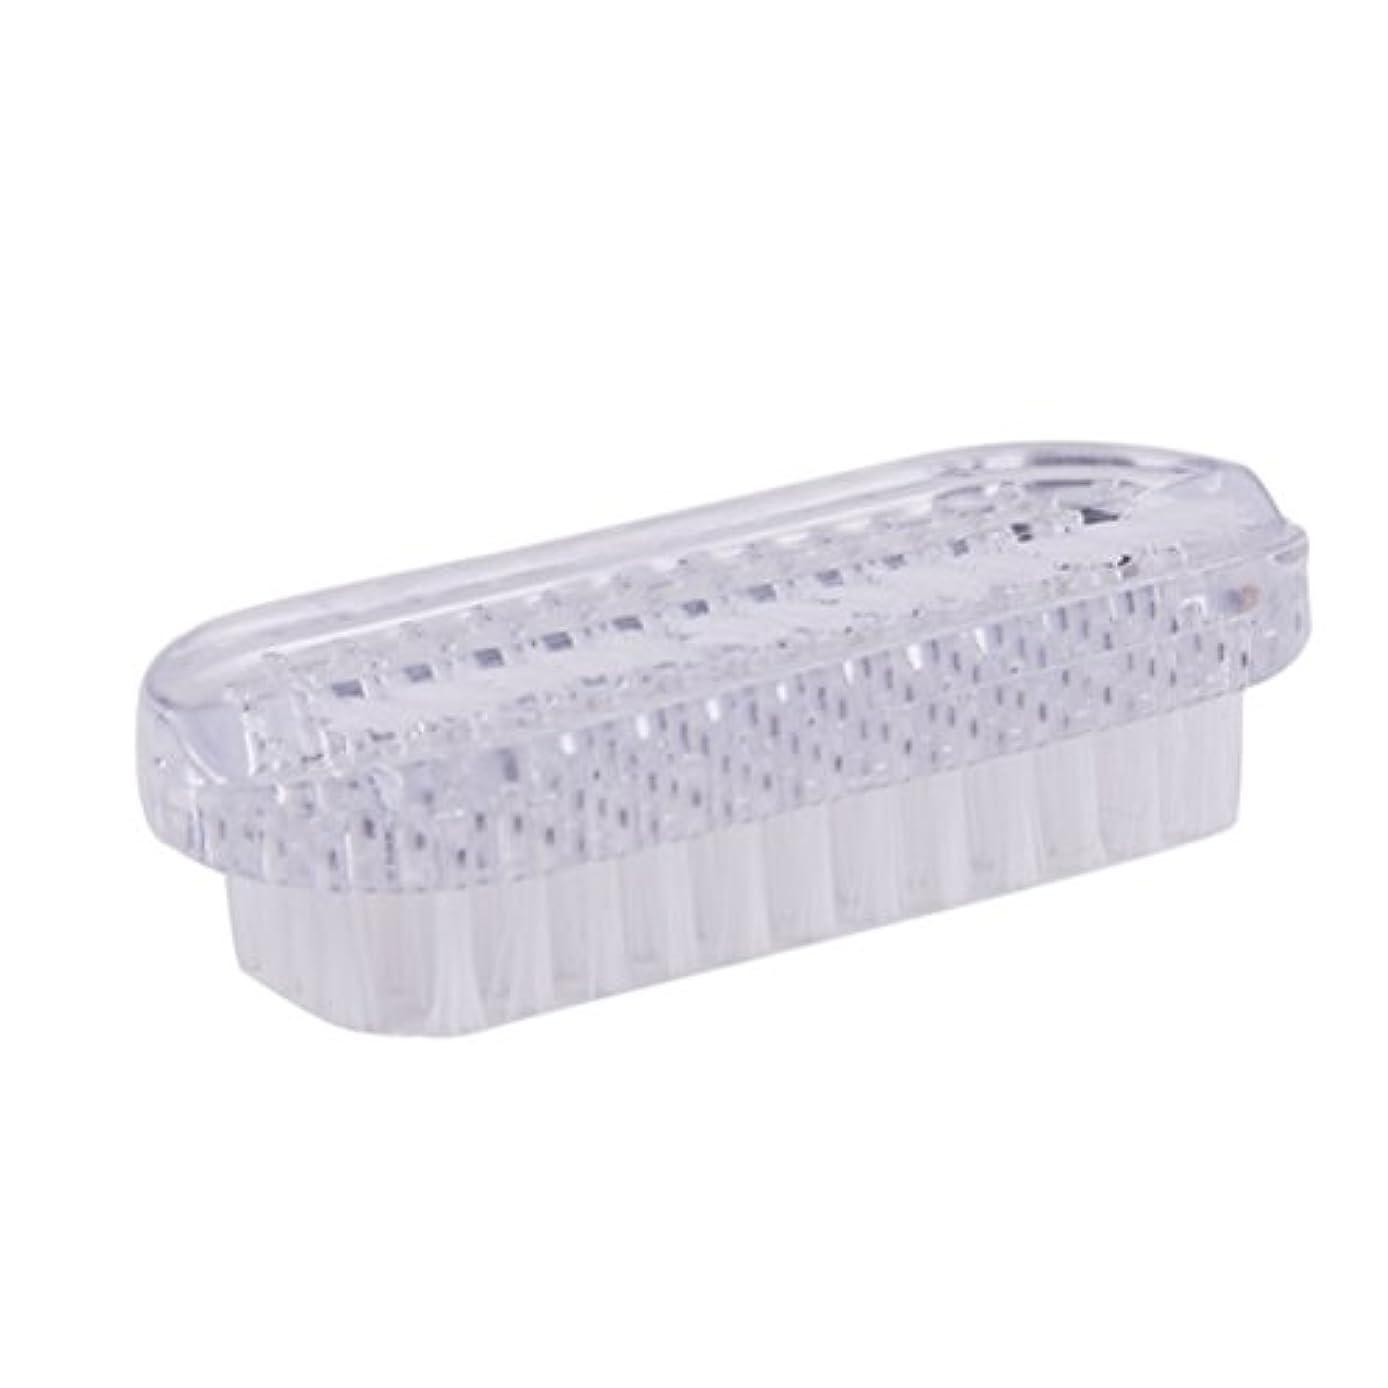 原点ブラウス有益ROSENICE ネイルブラシプラスティックネイルスクラブブラシダブルサイドハンドネイルクリーナーブラシ(ホワイト)